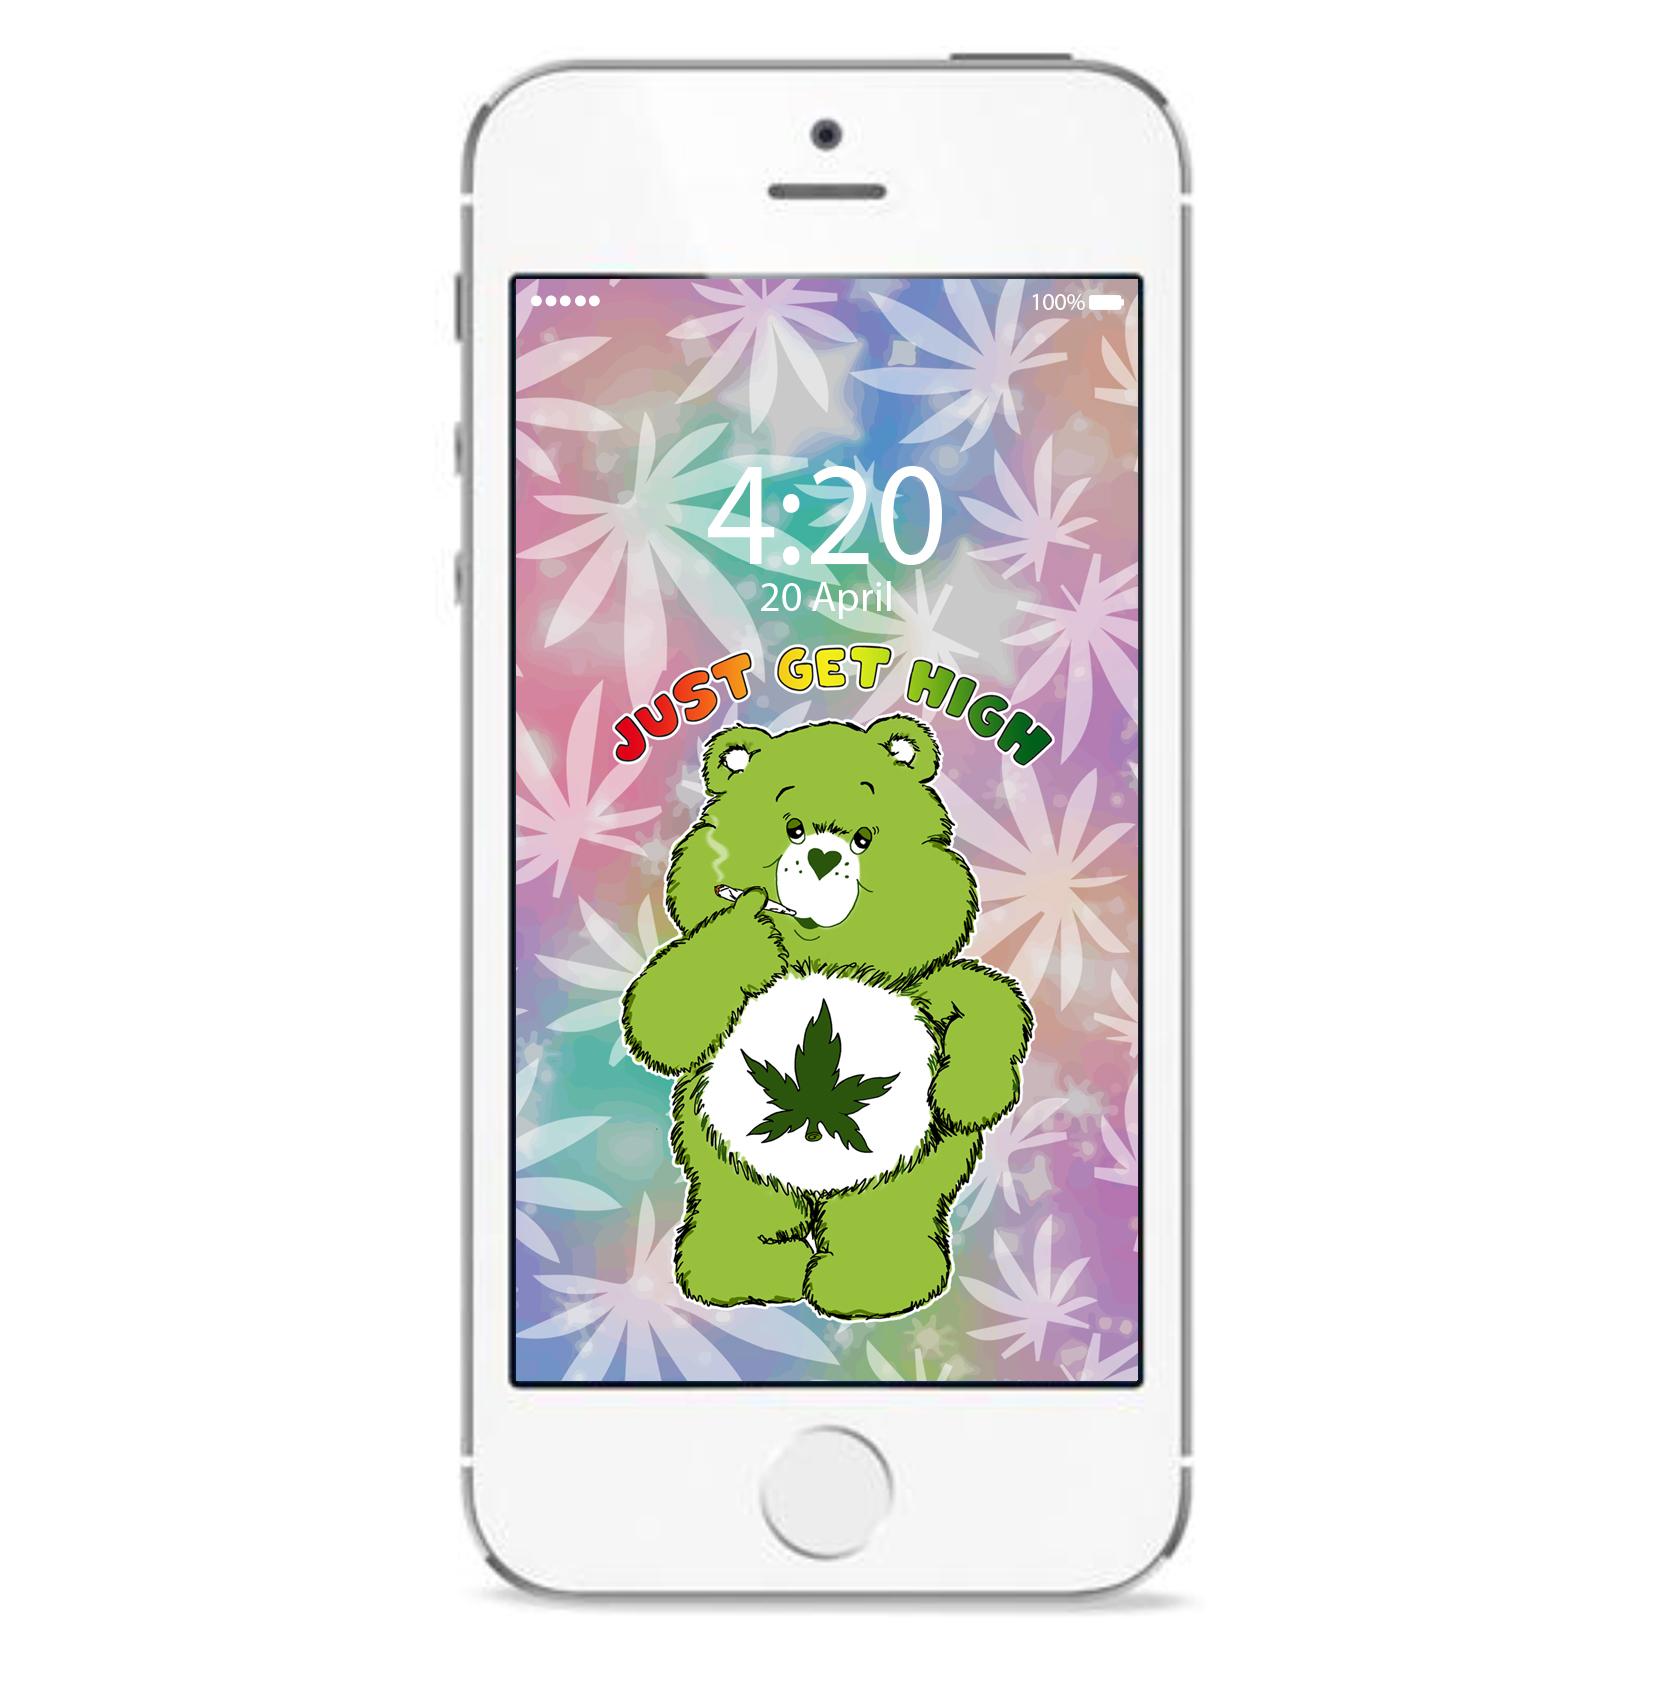 just get high_iphone_blazeybear leaf_mockup